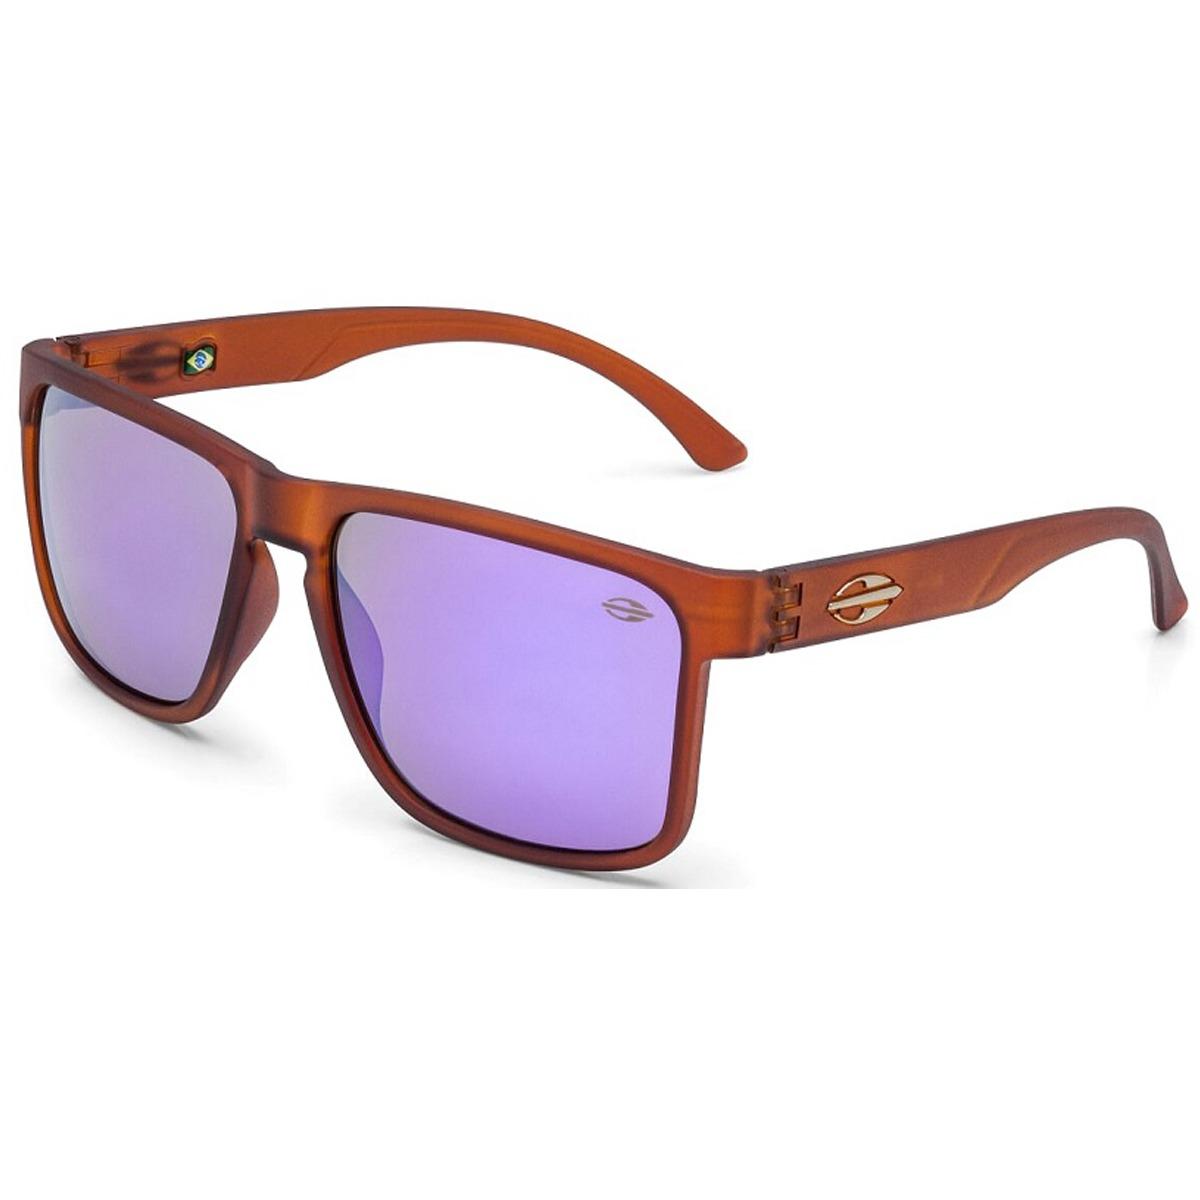 Óculos Mormaii Monterey Marrom Translucido lente Violeta - R  229,90 ... c868396080